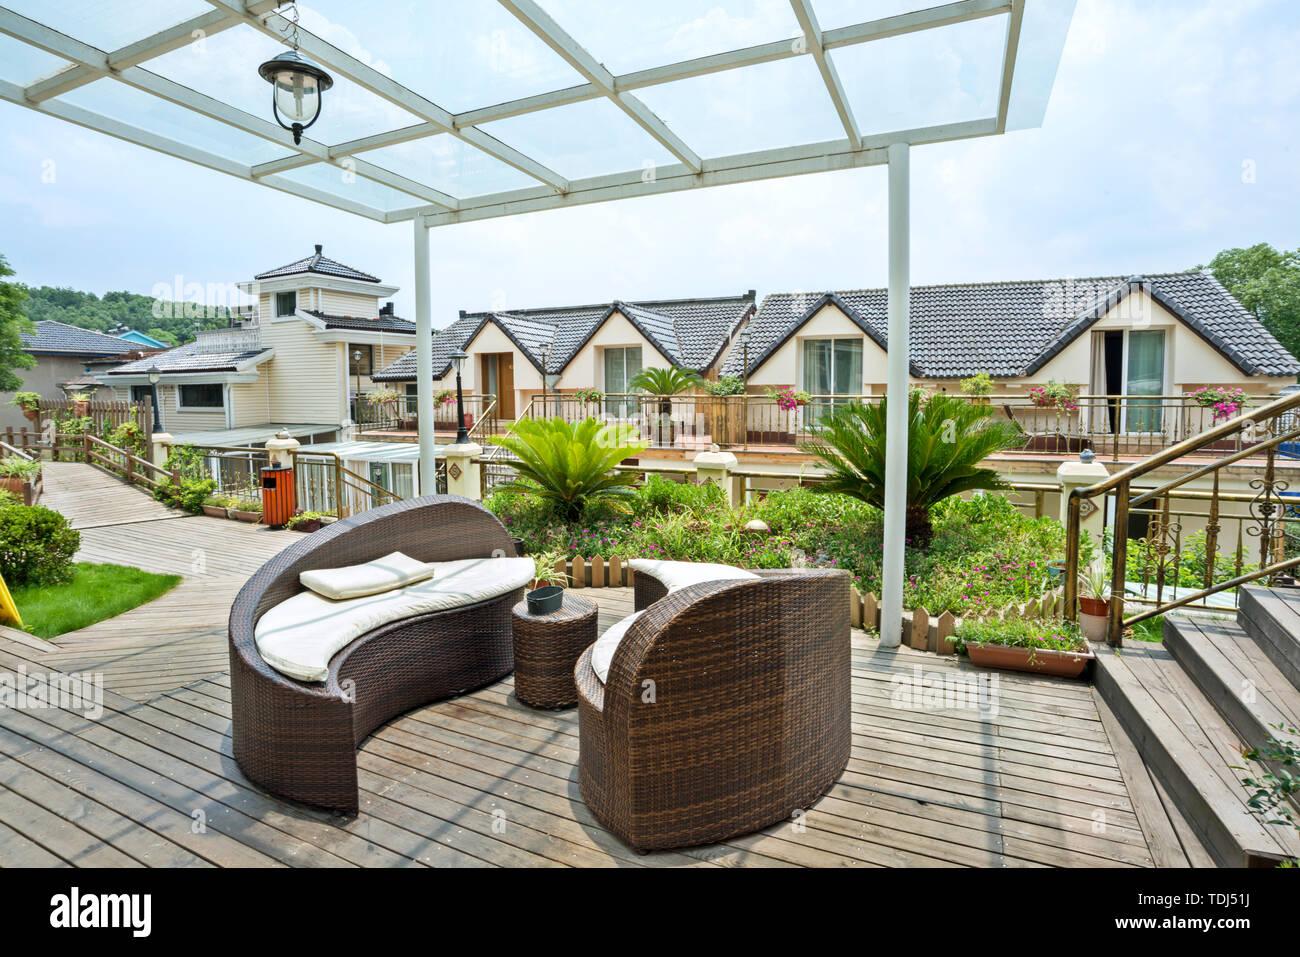 Casa Patio Exterior Con Terraza De Madera Y Ratán Sofa Foto